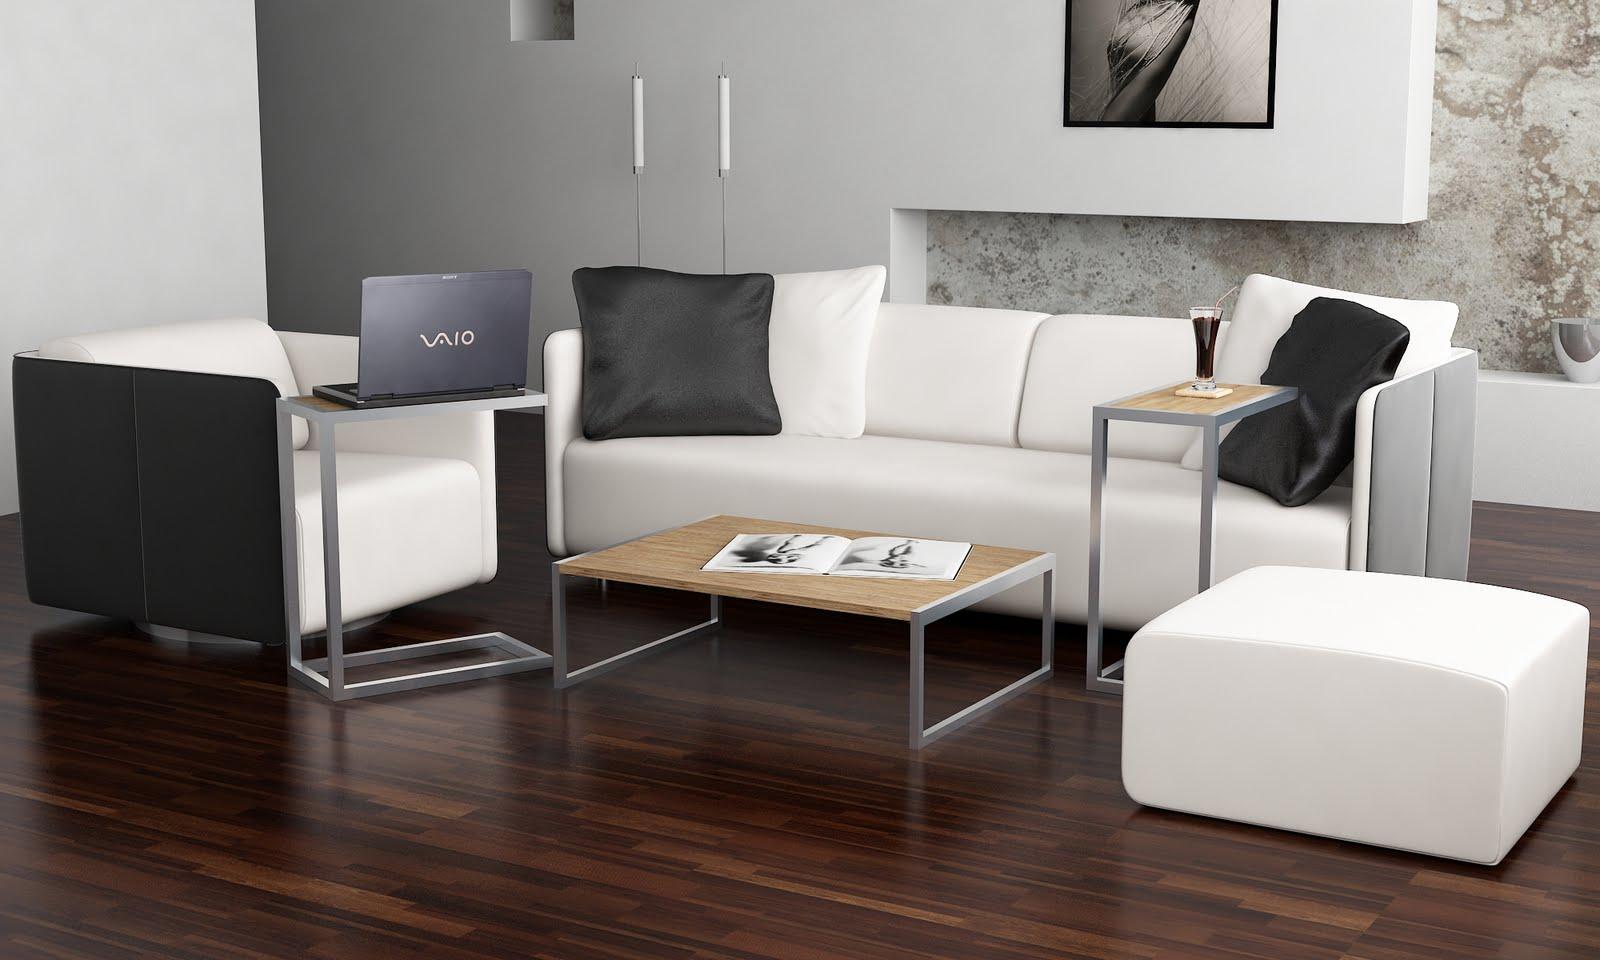 Morphzero design mesa baja para living y mesa alta para for Mesas de living